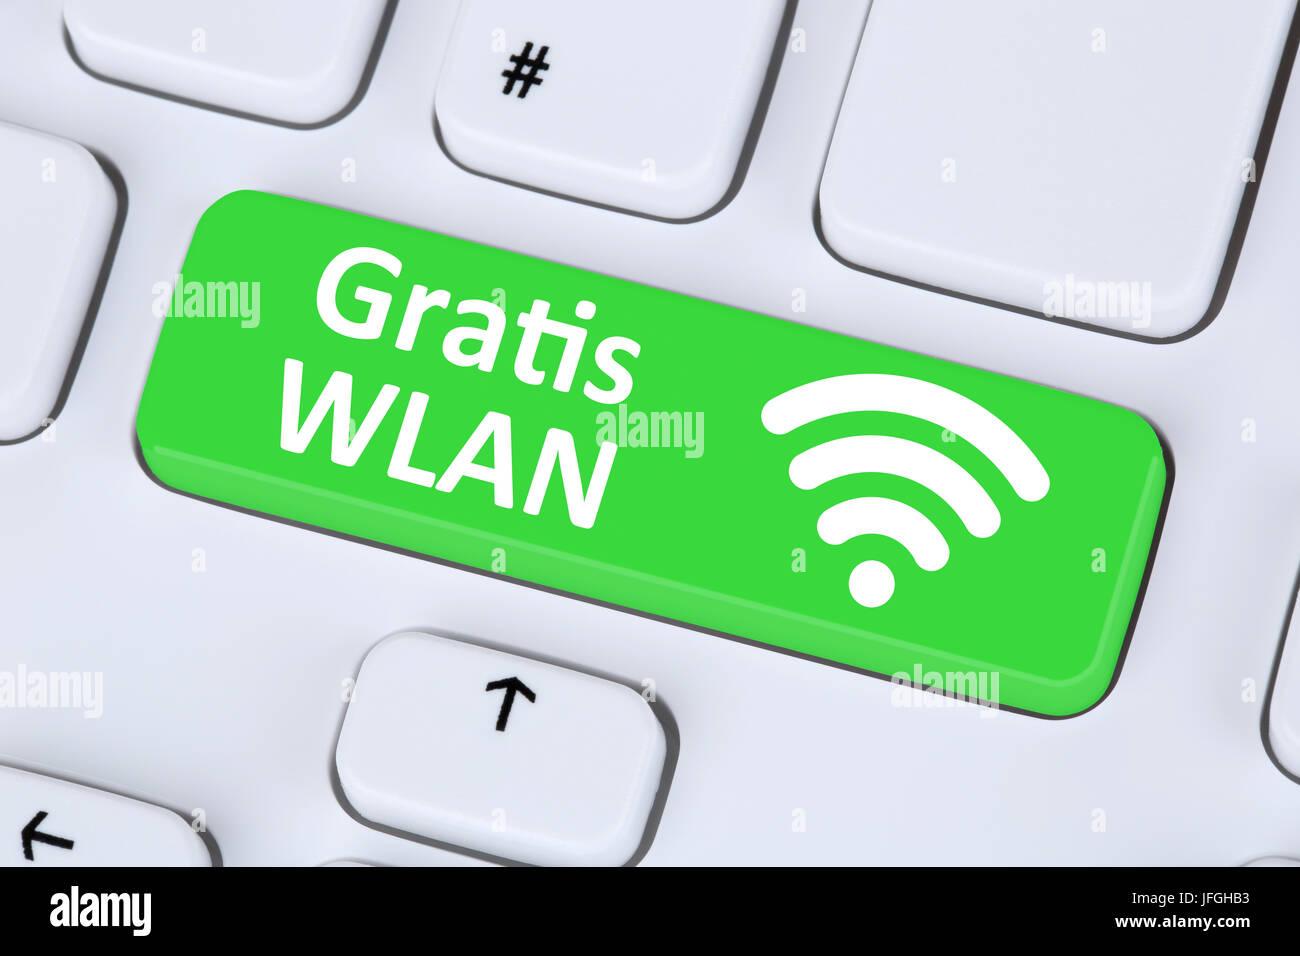 Gratis oder WLAN hotspot WiFi Internet Verbindung Equipo Imagen De Stock